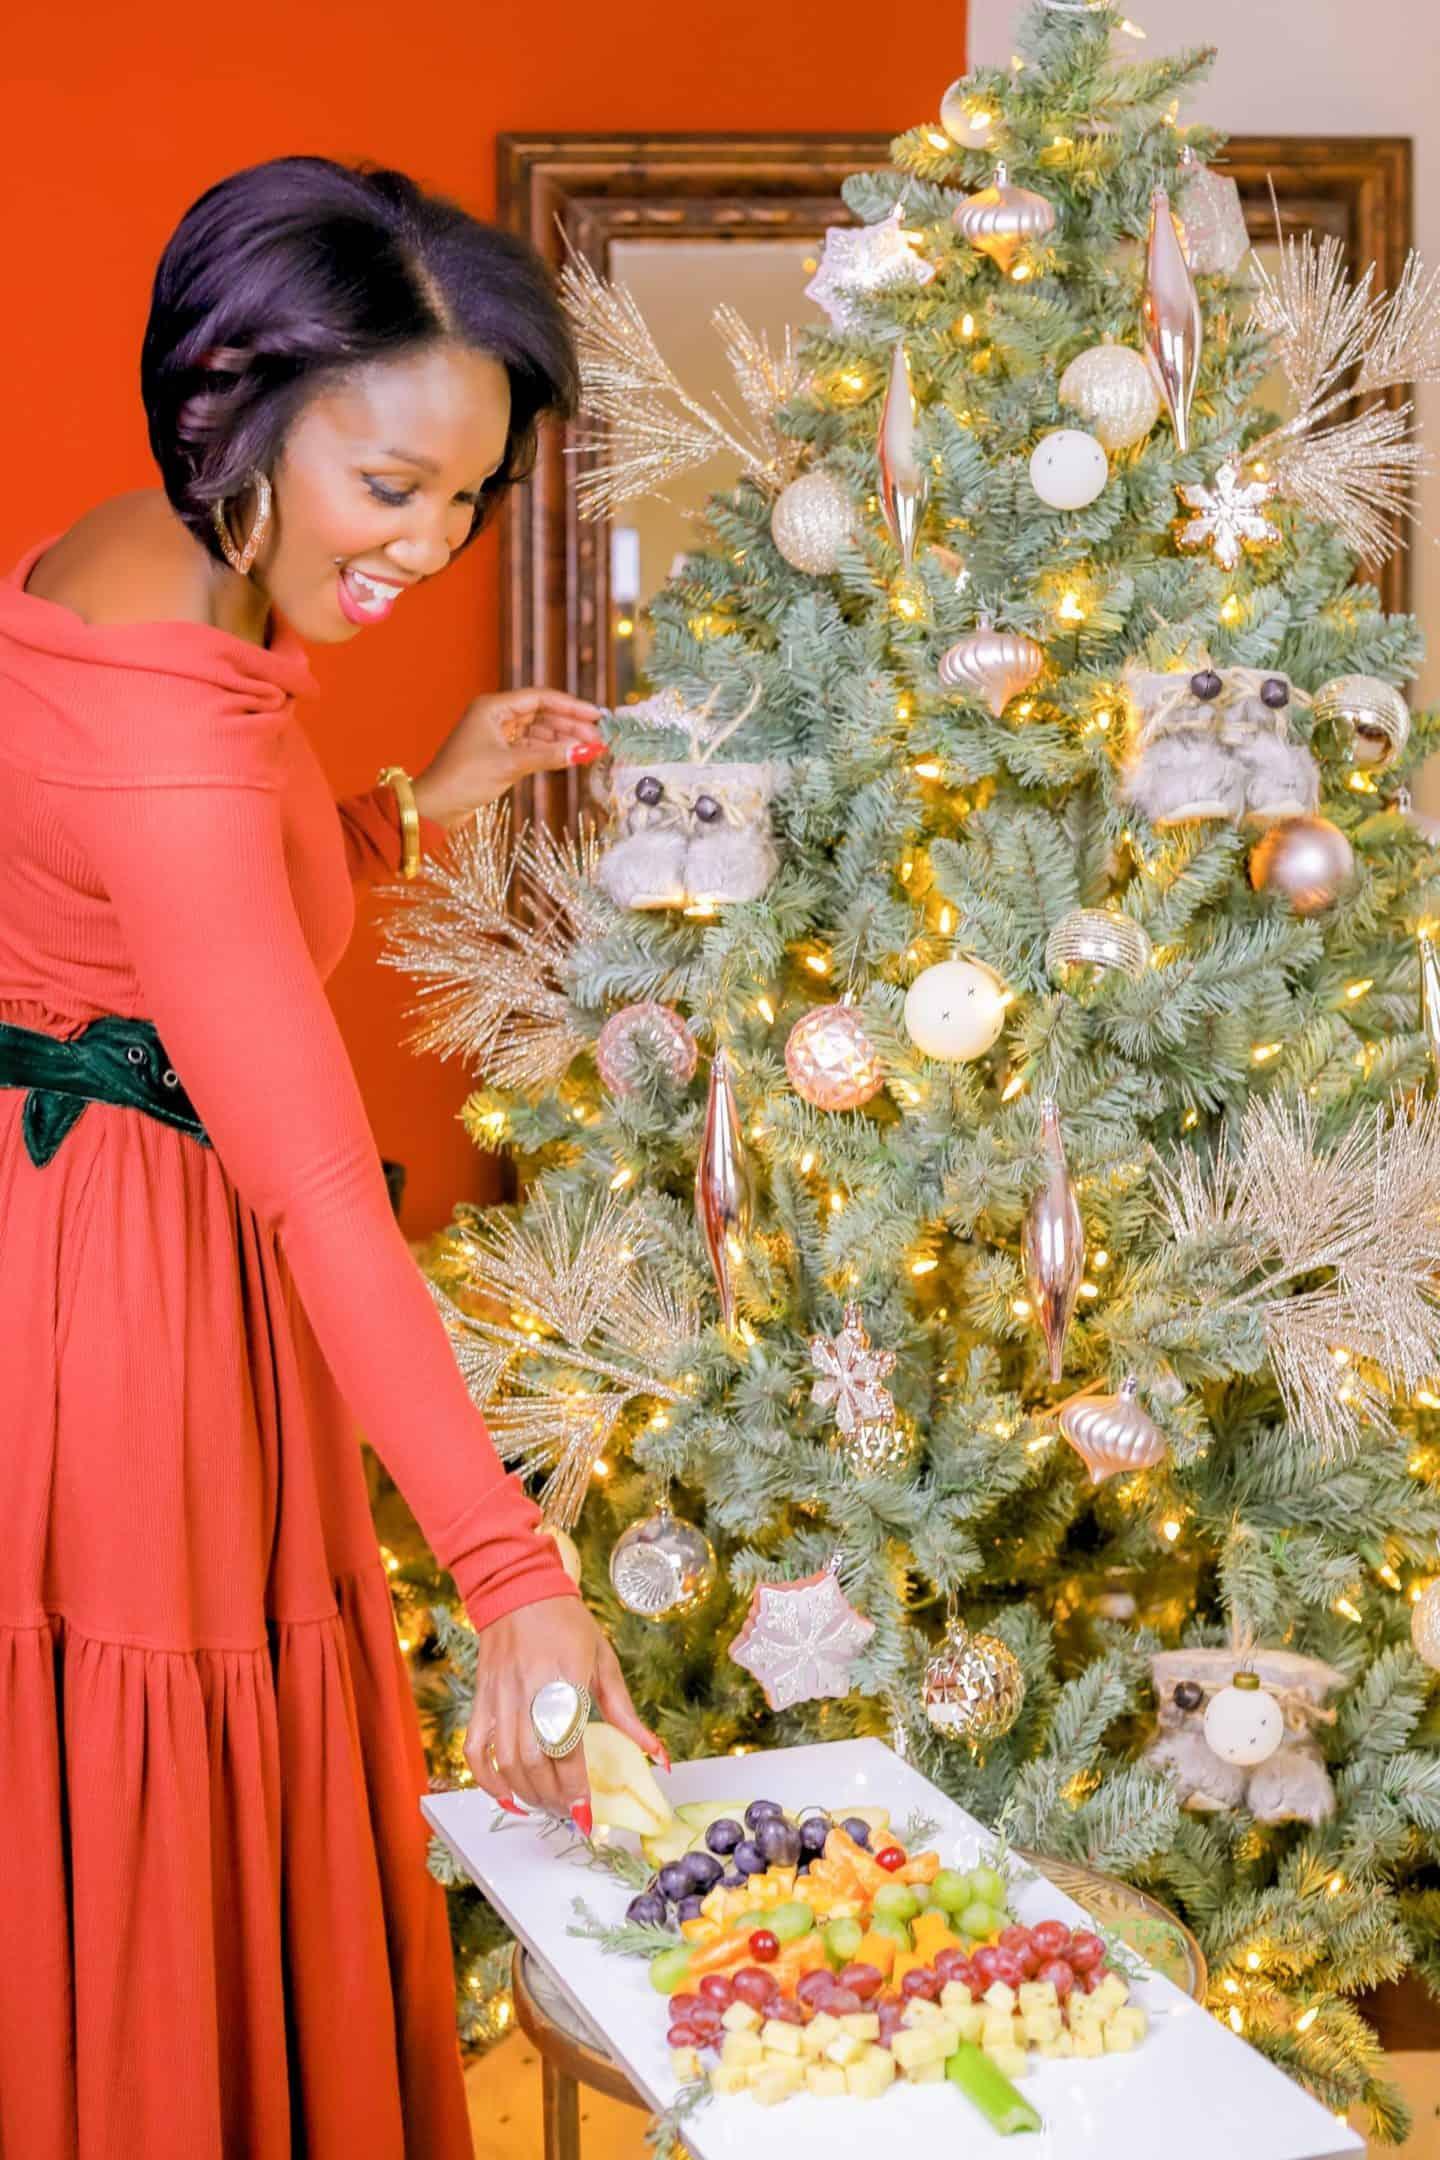 Quick & Easy Holiday Entertaining Ideas | Shaunda Necole